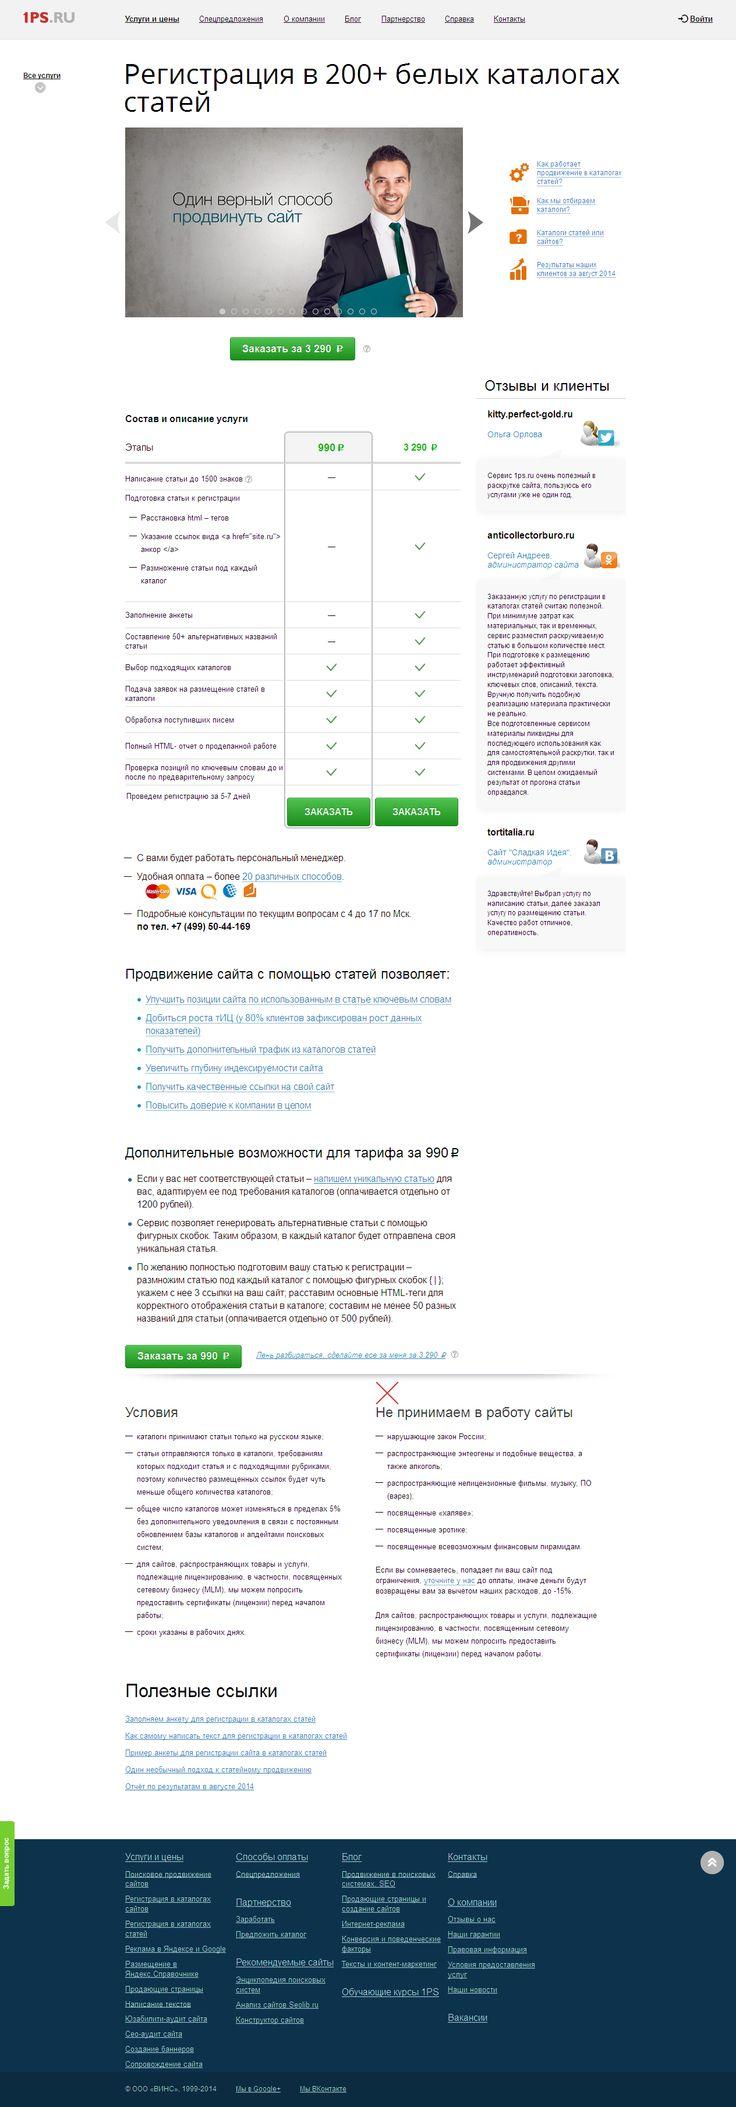 1PS - ручная регистрация сайта в каталогах статей. Продвижение статьями. Цены, условия работы, лендинг услуги.